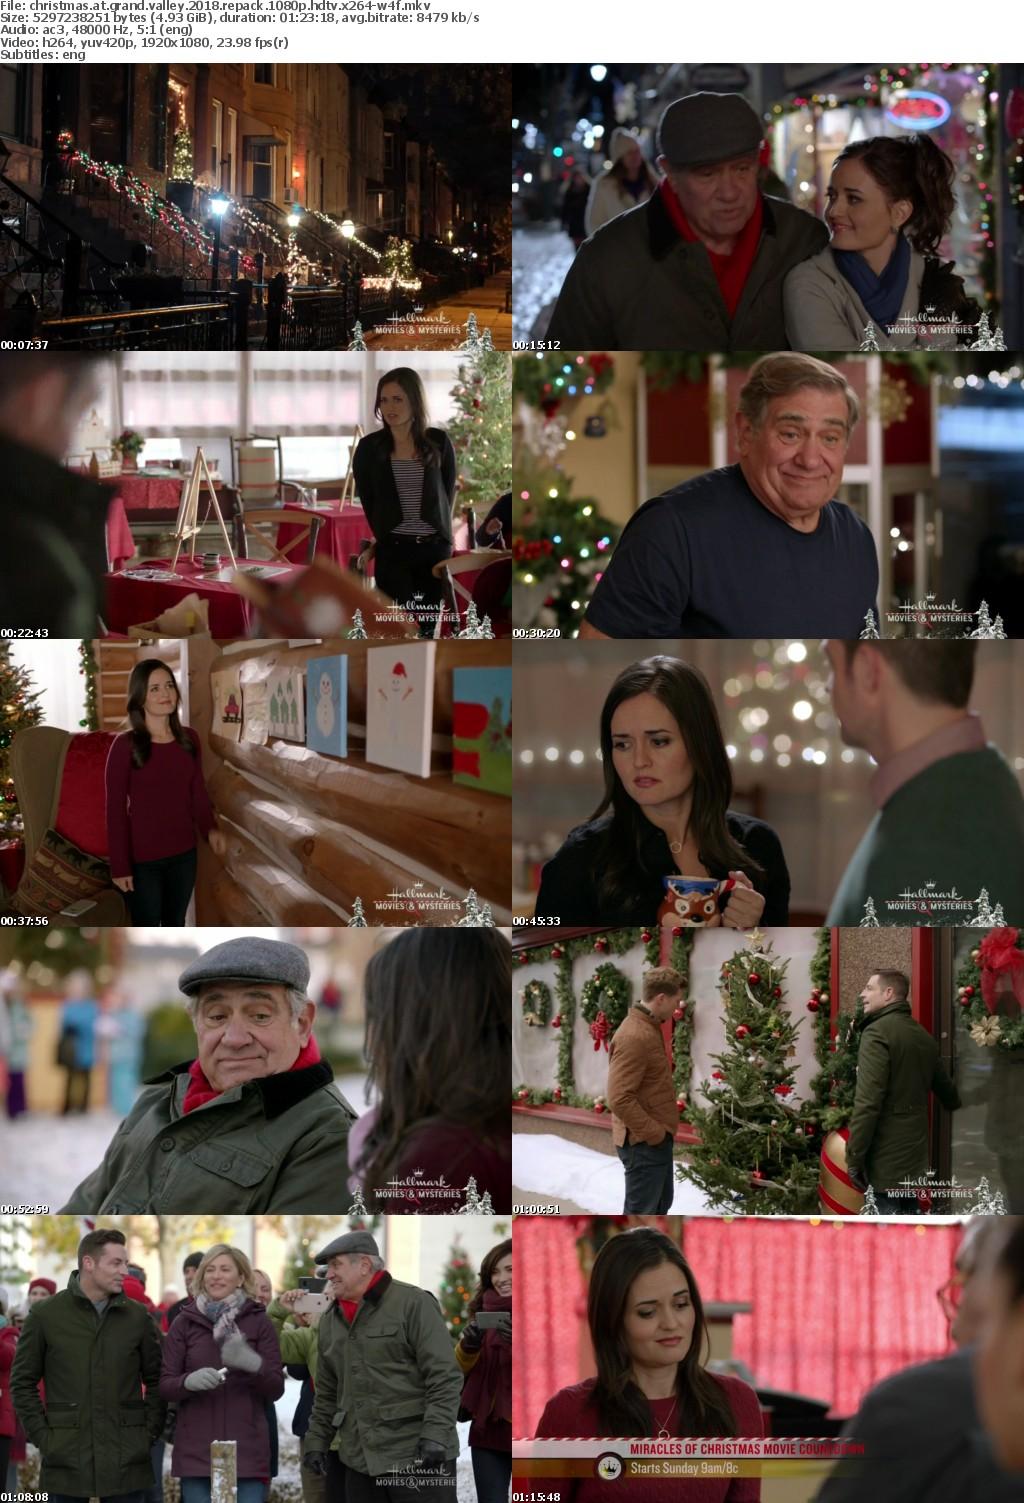 Christmas At Grand Valley (2018) REPACK 1080p HDTV x264-W4Frarbg